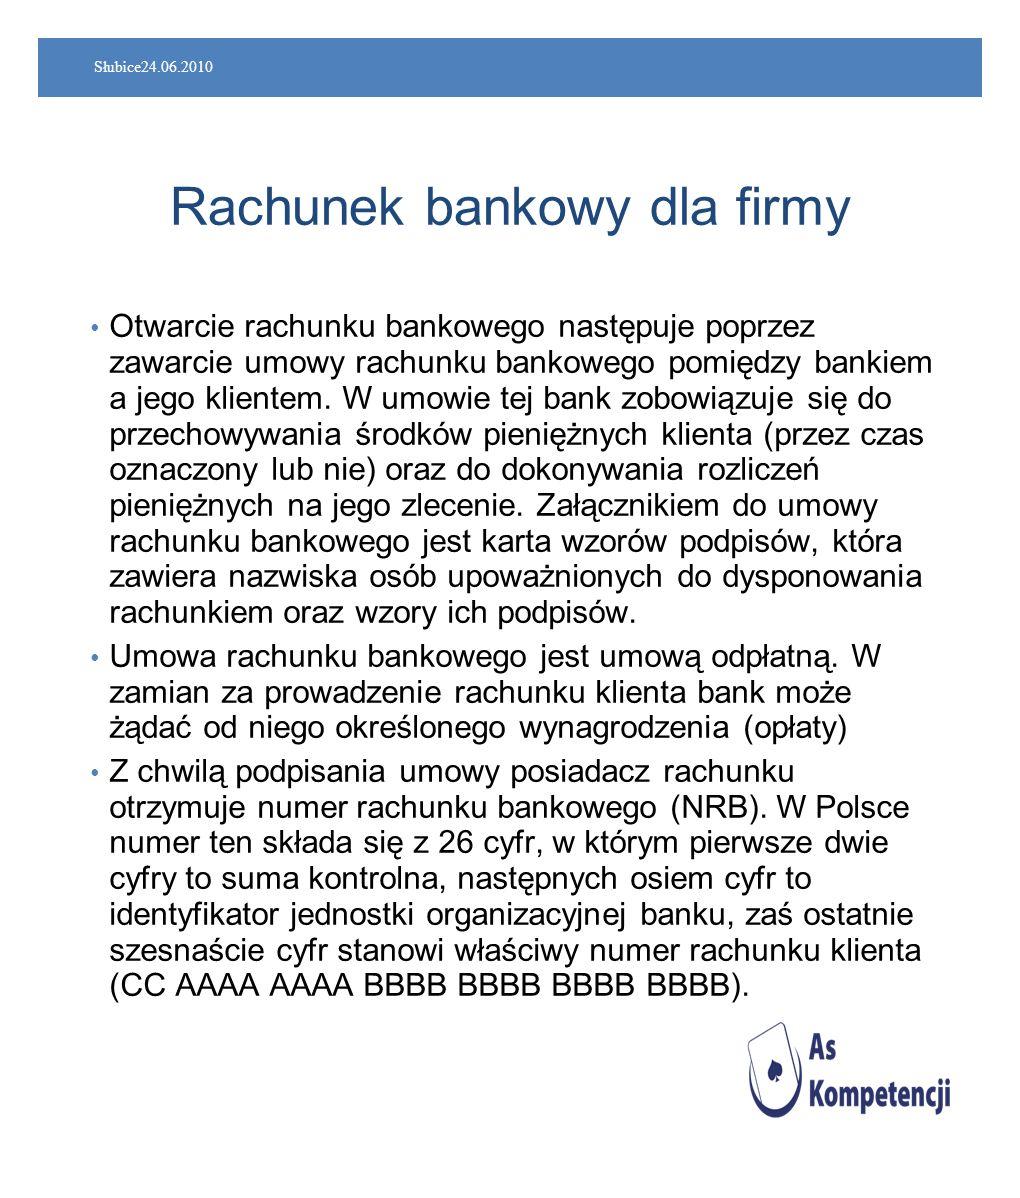 Rachunek bankowy dla firmy